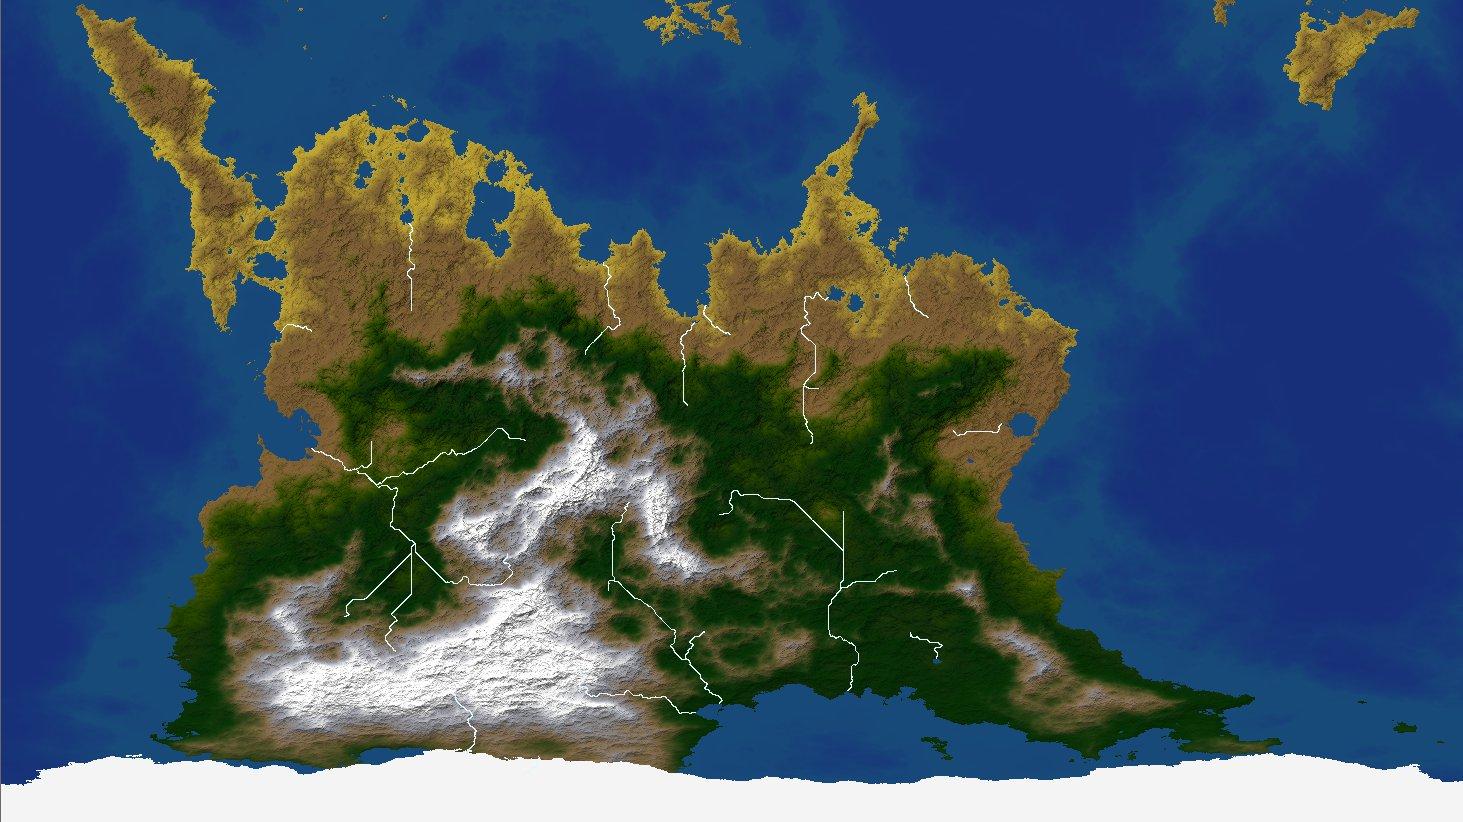 Malundaia